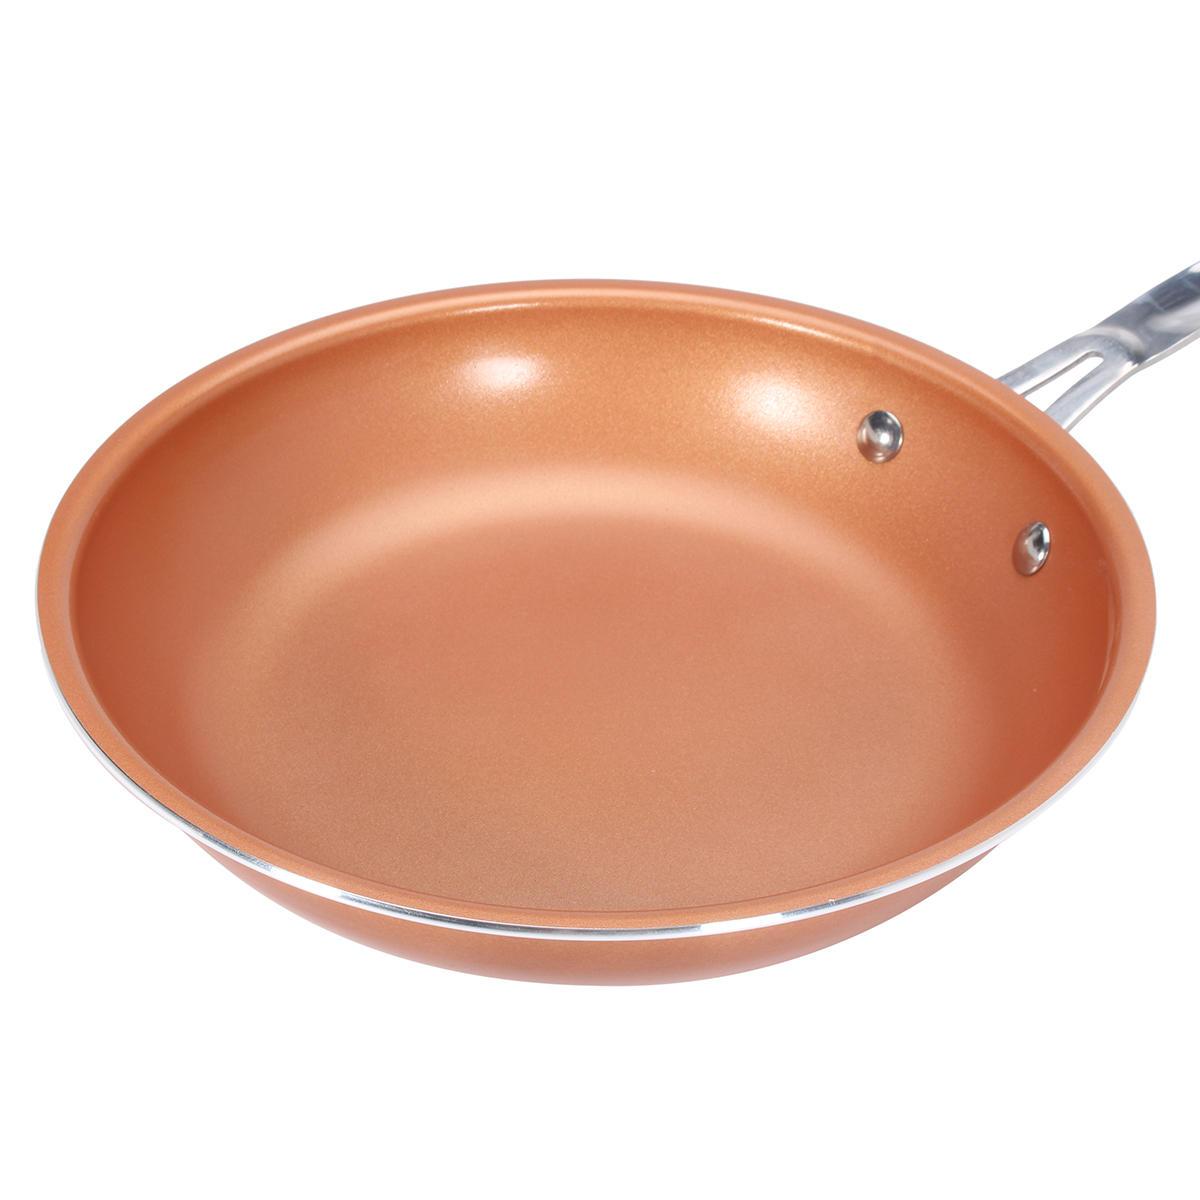 9inch Алюминий Нержавеющая сталь Круглый Не Палка Медь Кухонная посуда для жарки